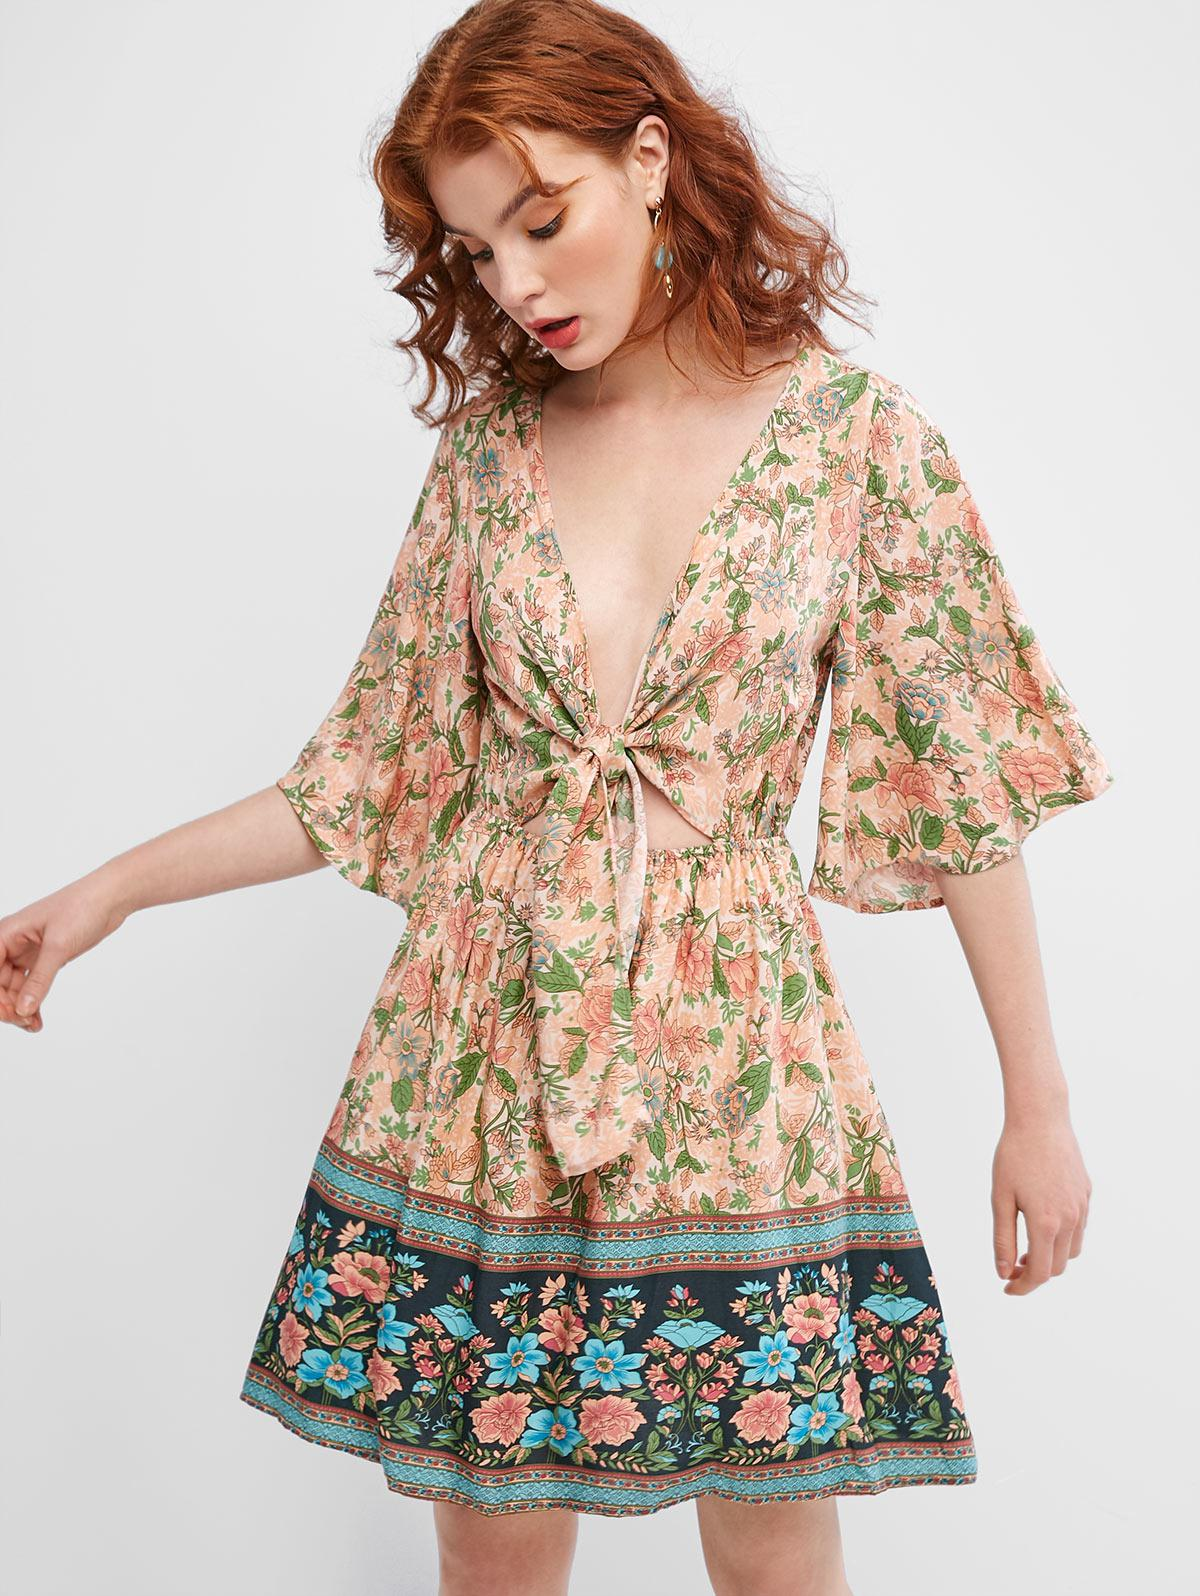 Floral Print Tie Front A Line Dress